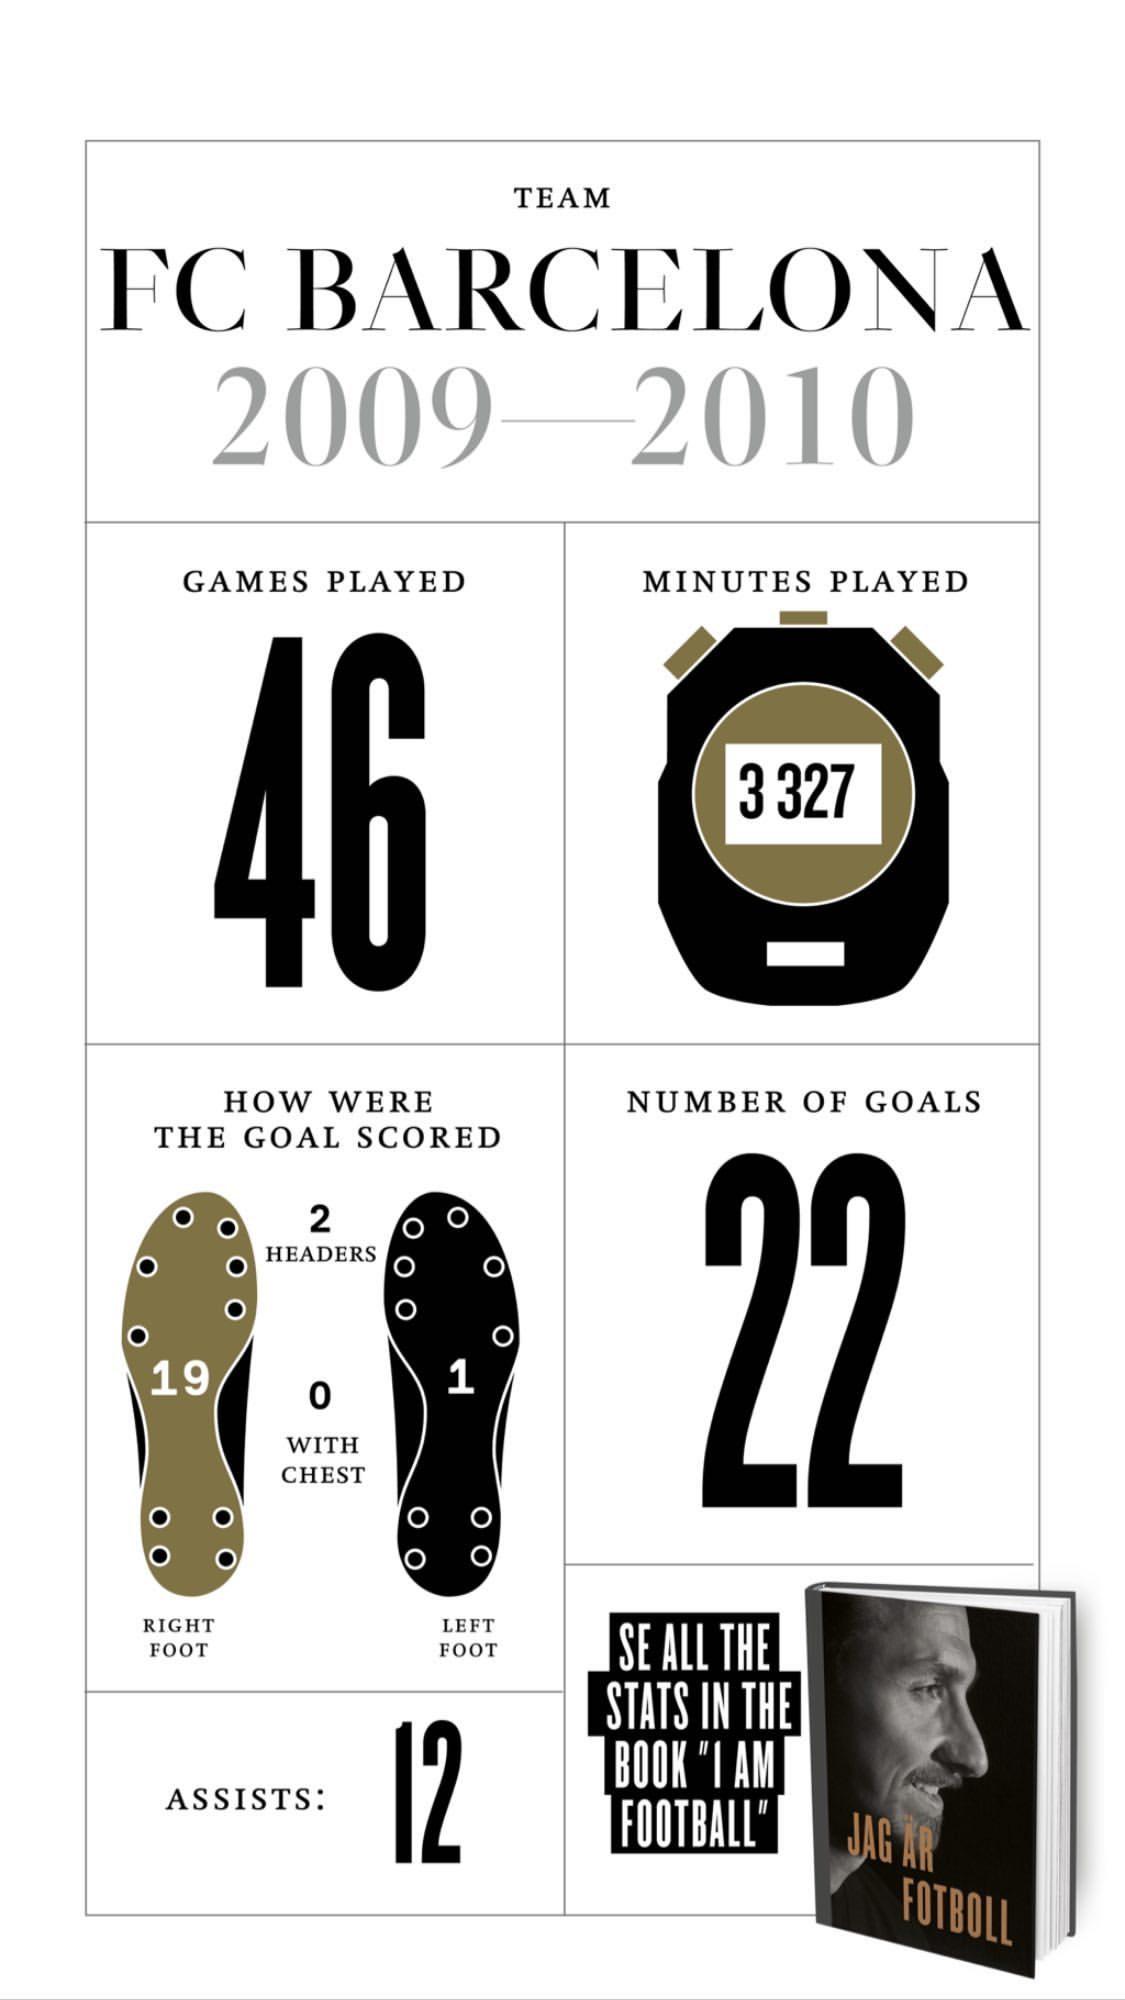 Златистика: интересные цифры Златана Ибрагимовича (Фото) - изображение 5